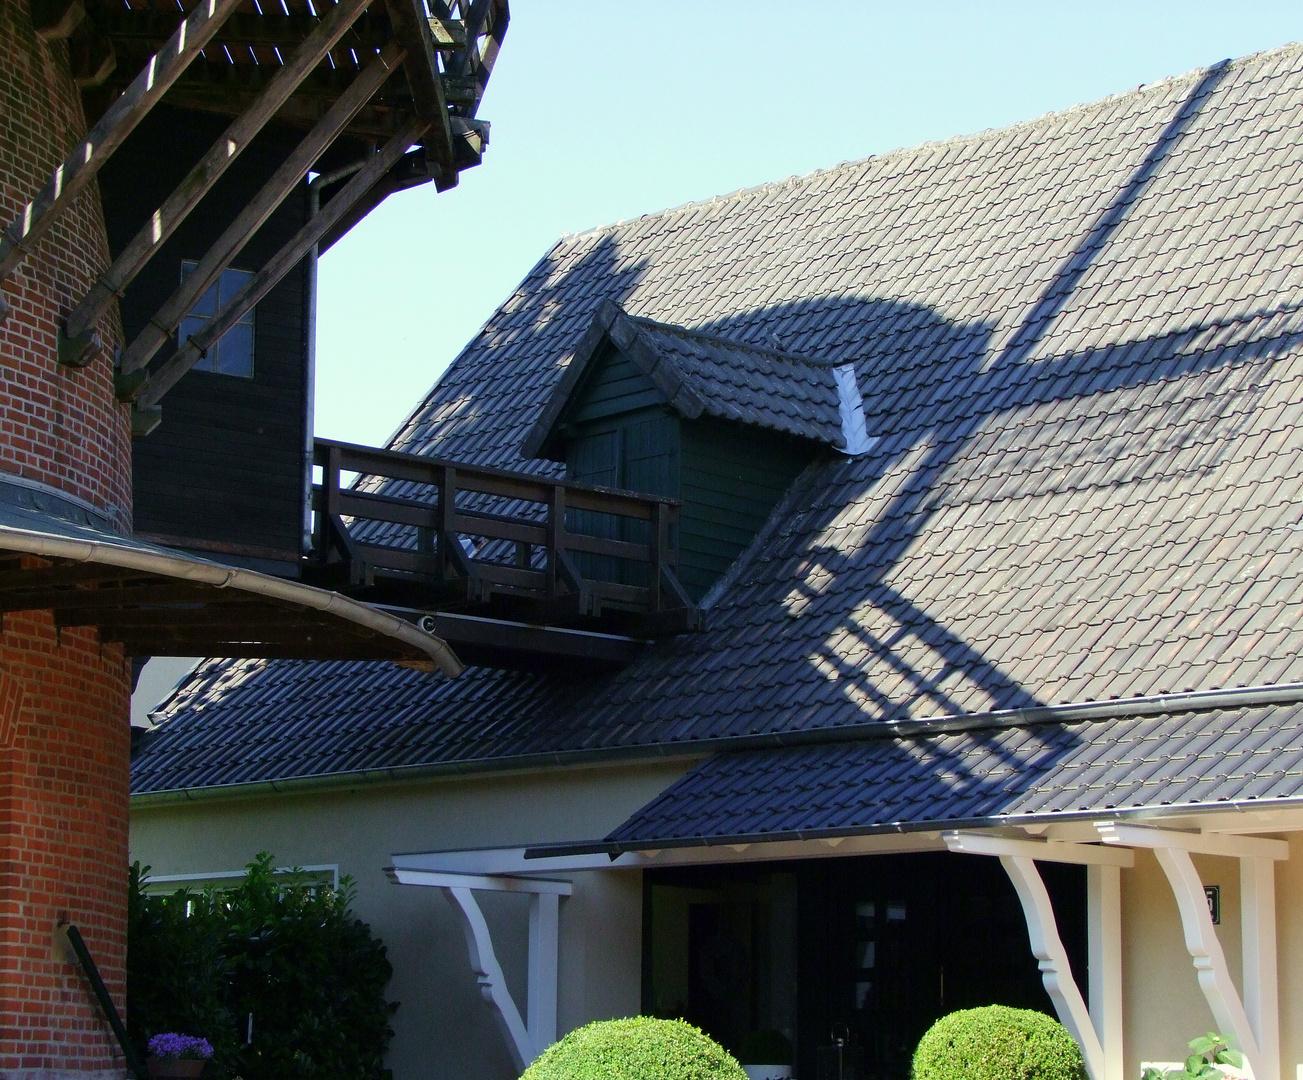 Schatten der Mühle auf dem Wohnhaus